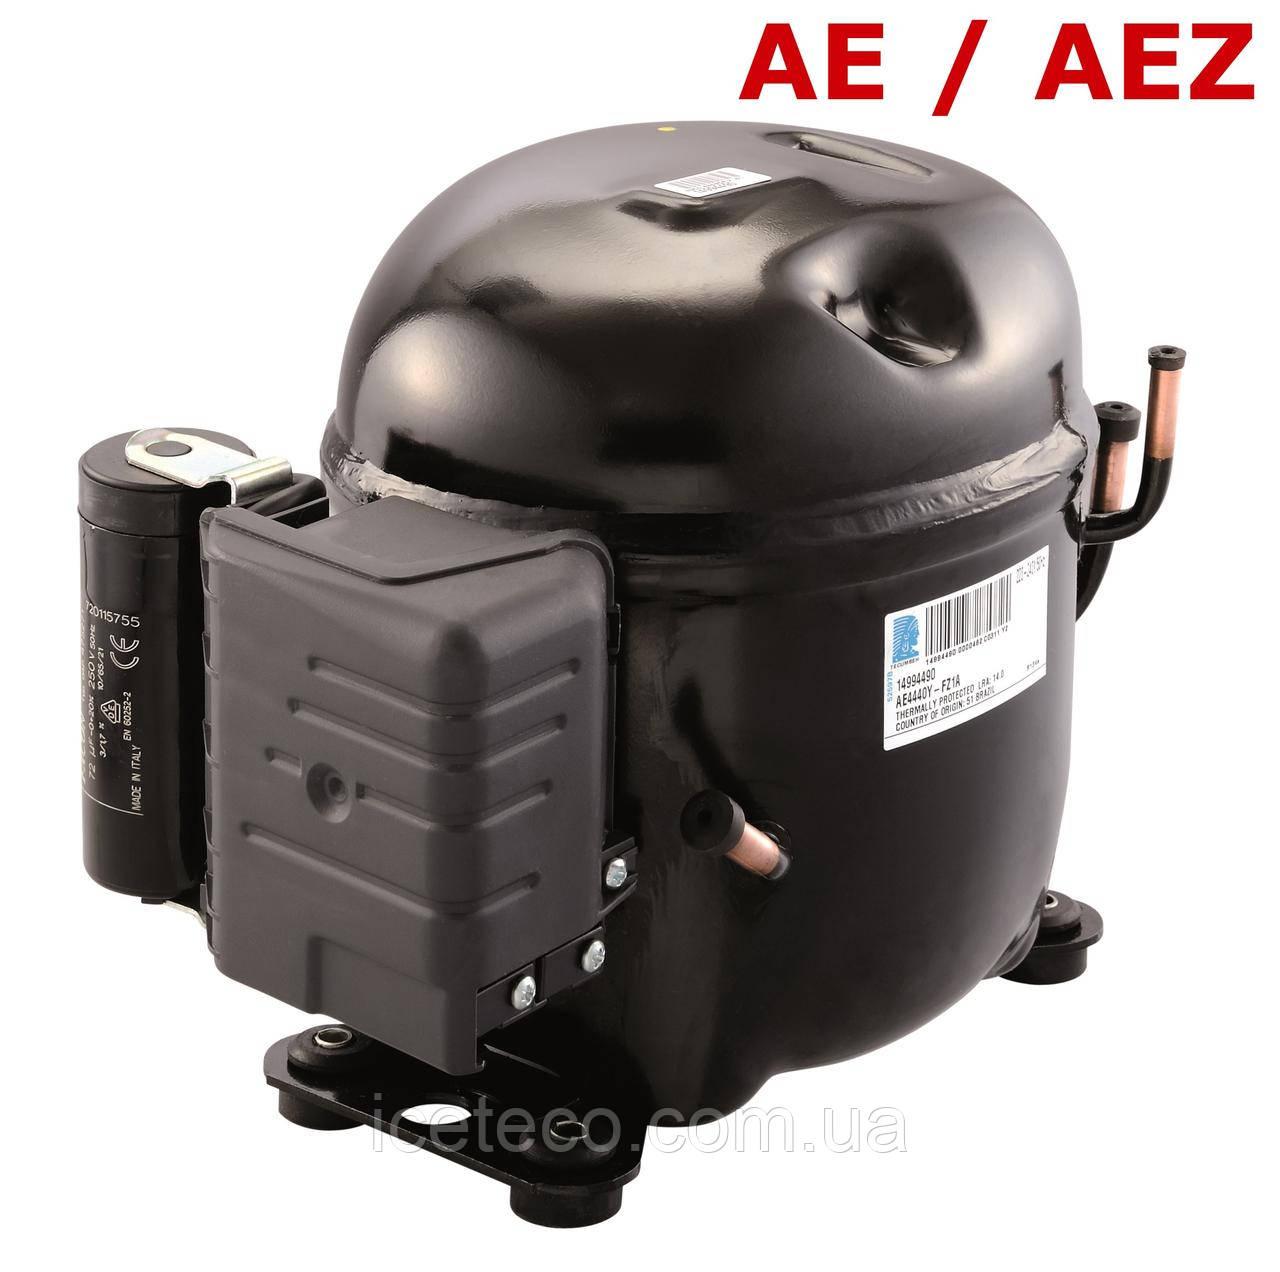 Герметичный поршневой компрессор AE4430U Tecumseh